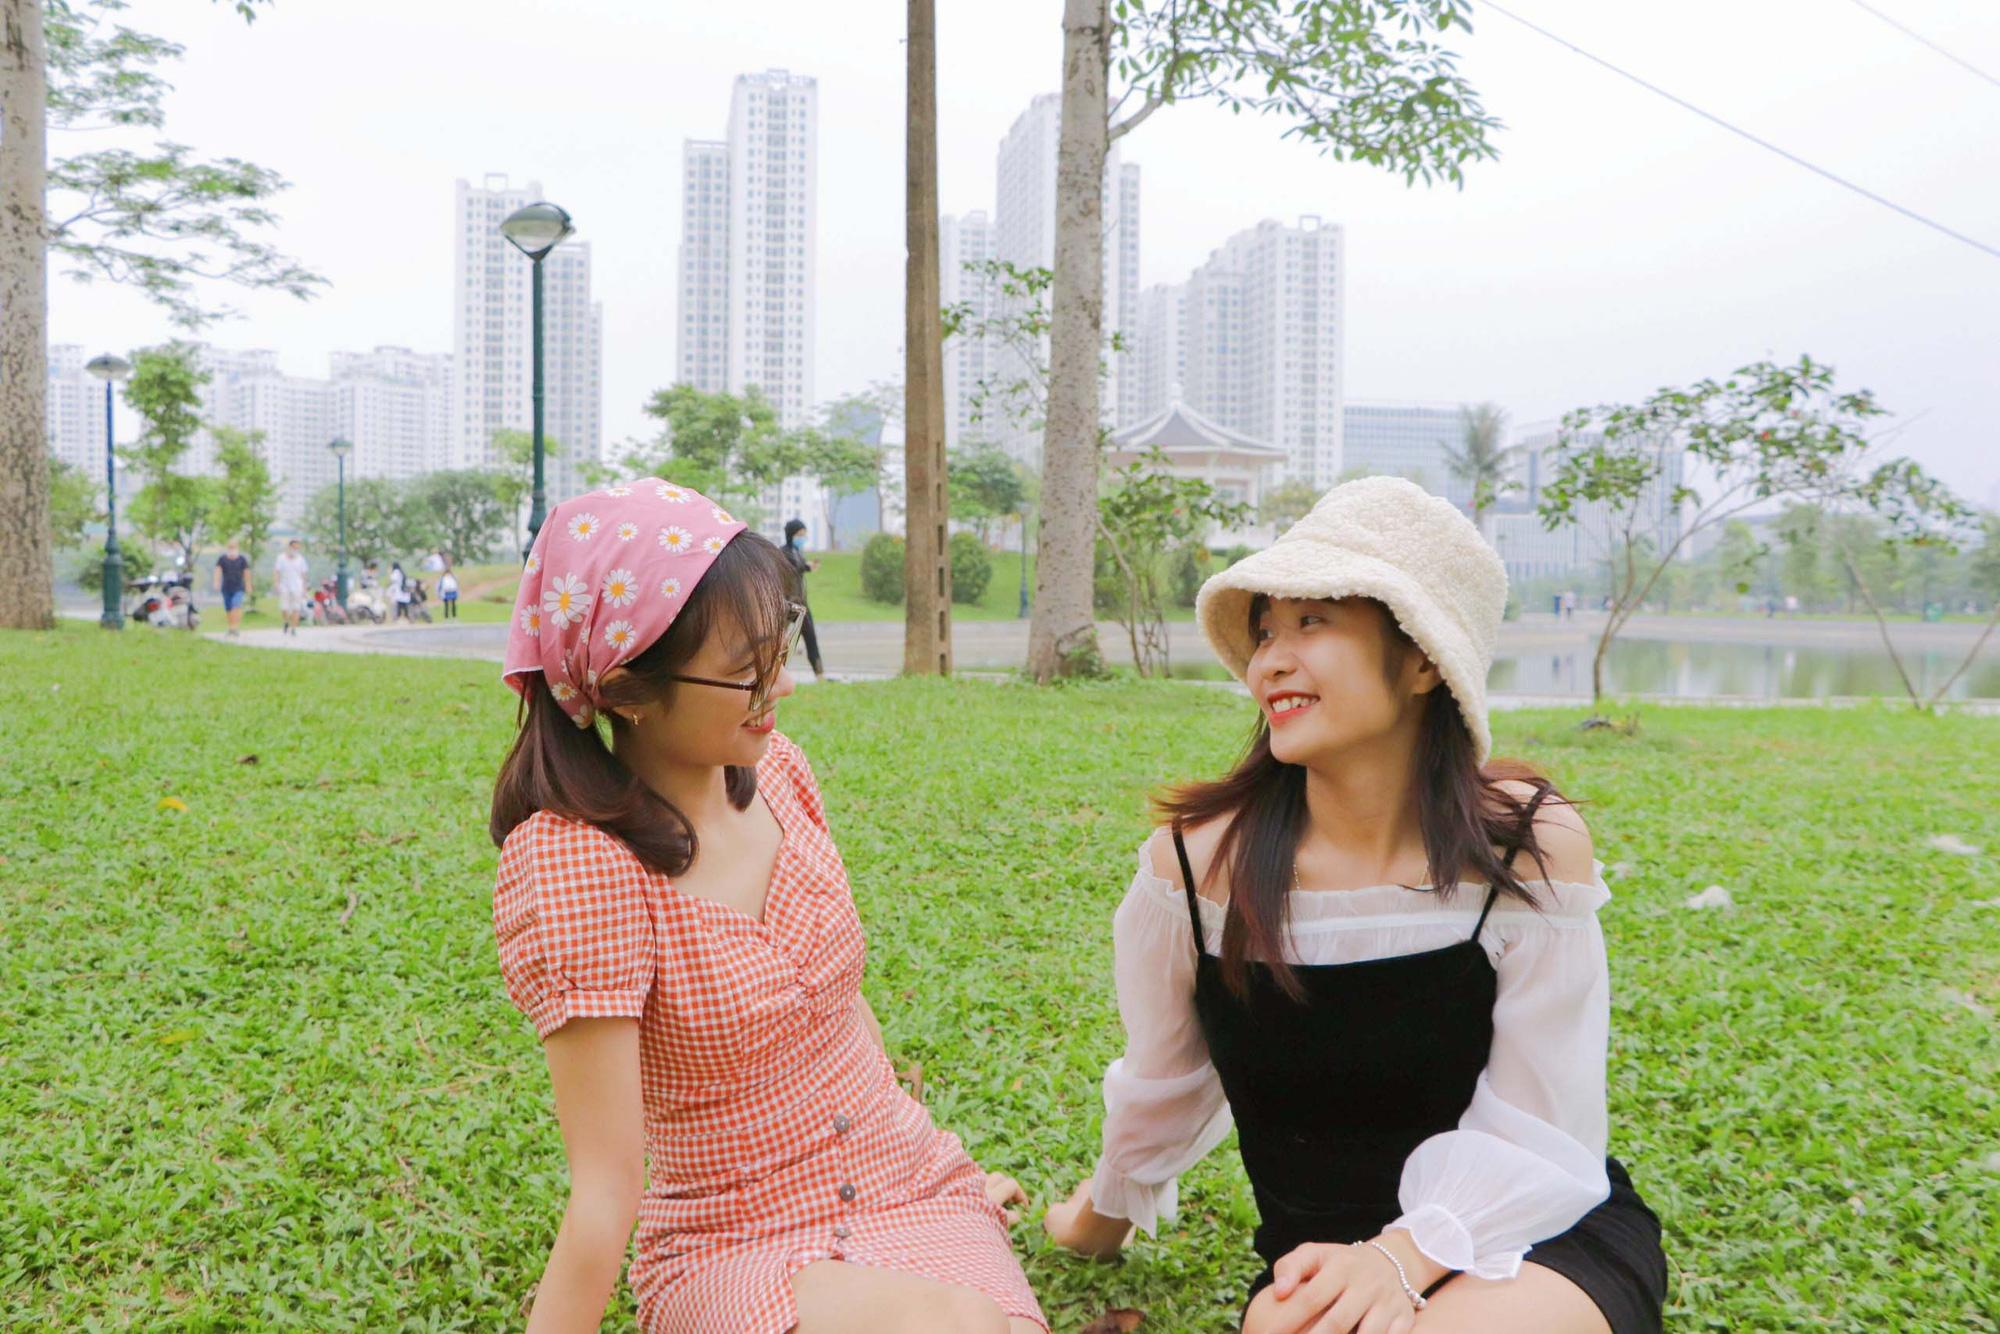 Khám phá tọa độ check-in với 1001 góc sống ảo hút hồn giới trẻ ngay trong lòng thủ đô Hà Nội - Ảnh 3.